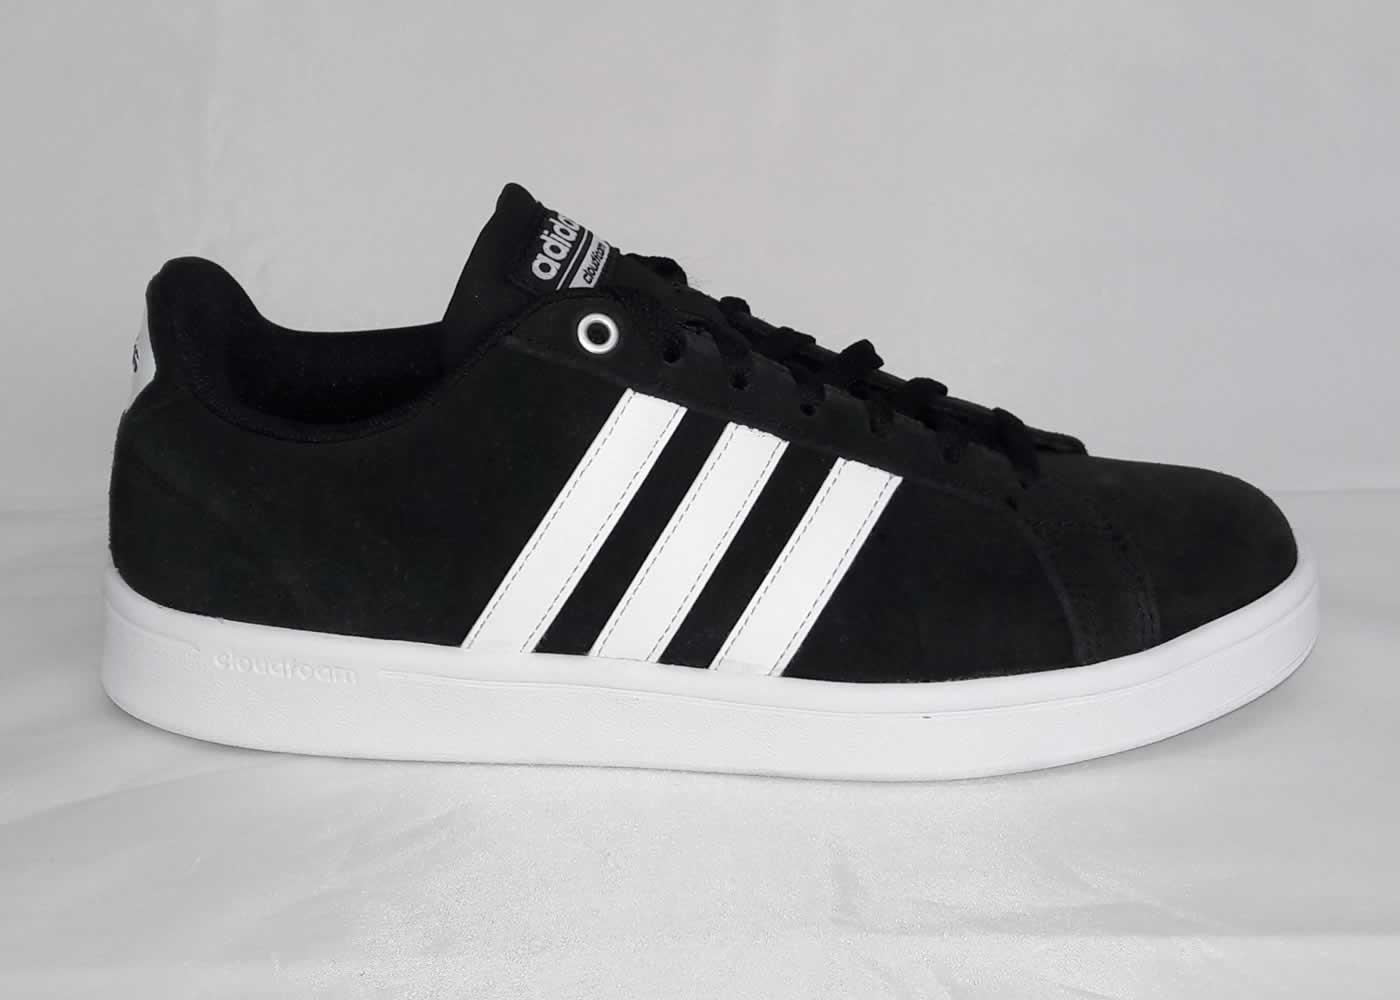 scarpe adidas 39.5